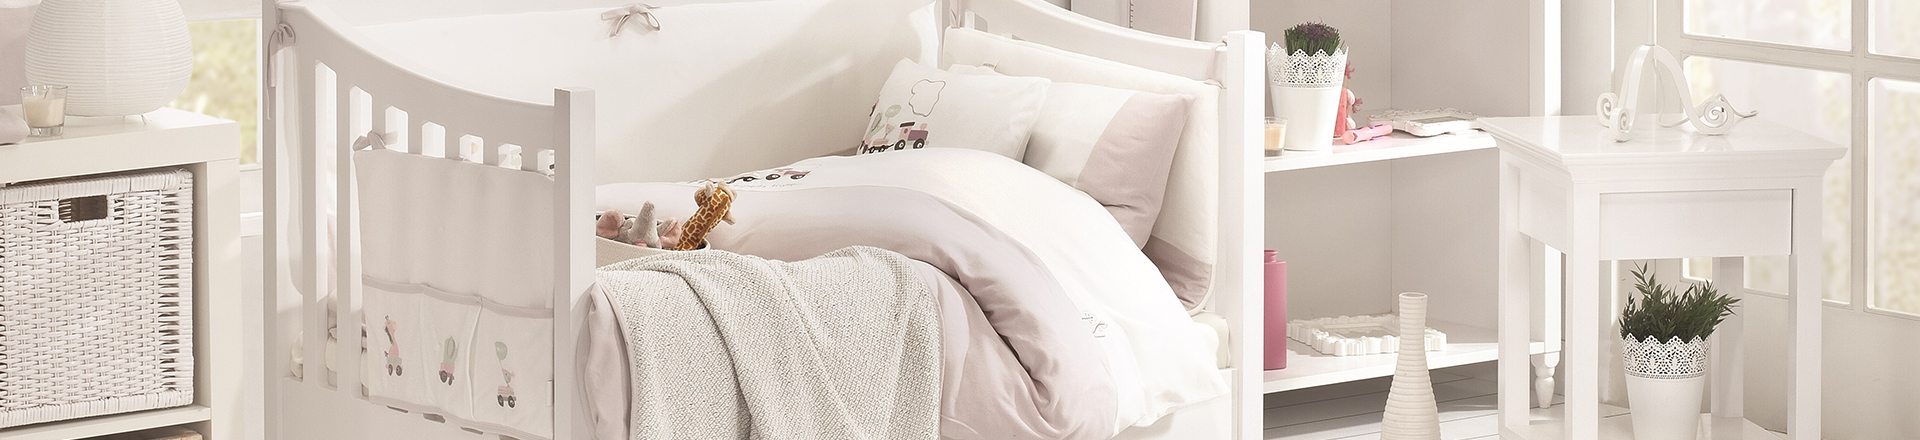 bettdecken zara home t rkisch schlafzimmer gebrauchte lattenroste 140x200 2015 gold bettw sche. Black Bedroom Furniture Sets. Home Design Ideas